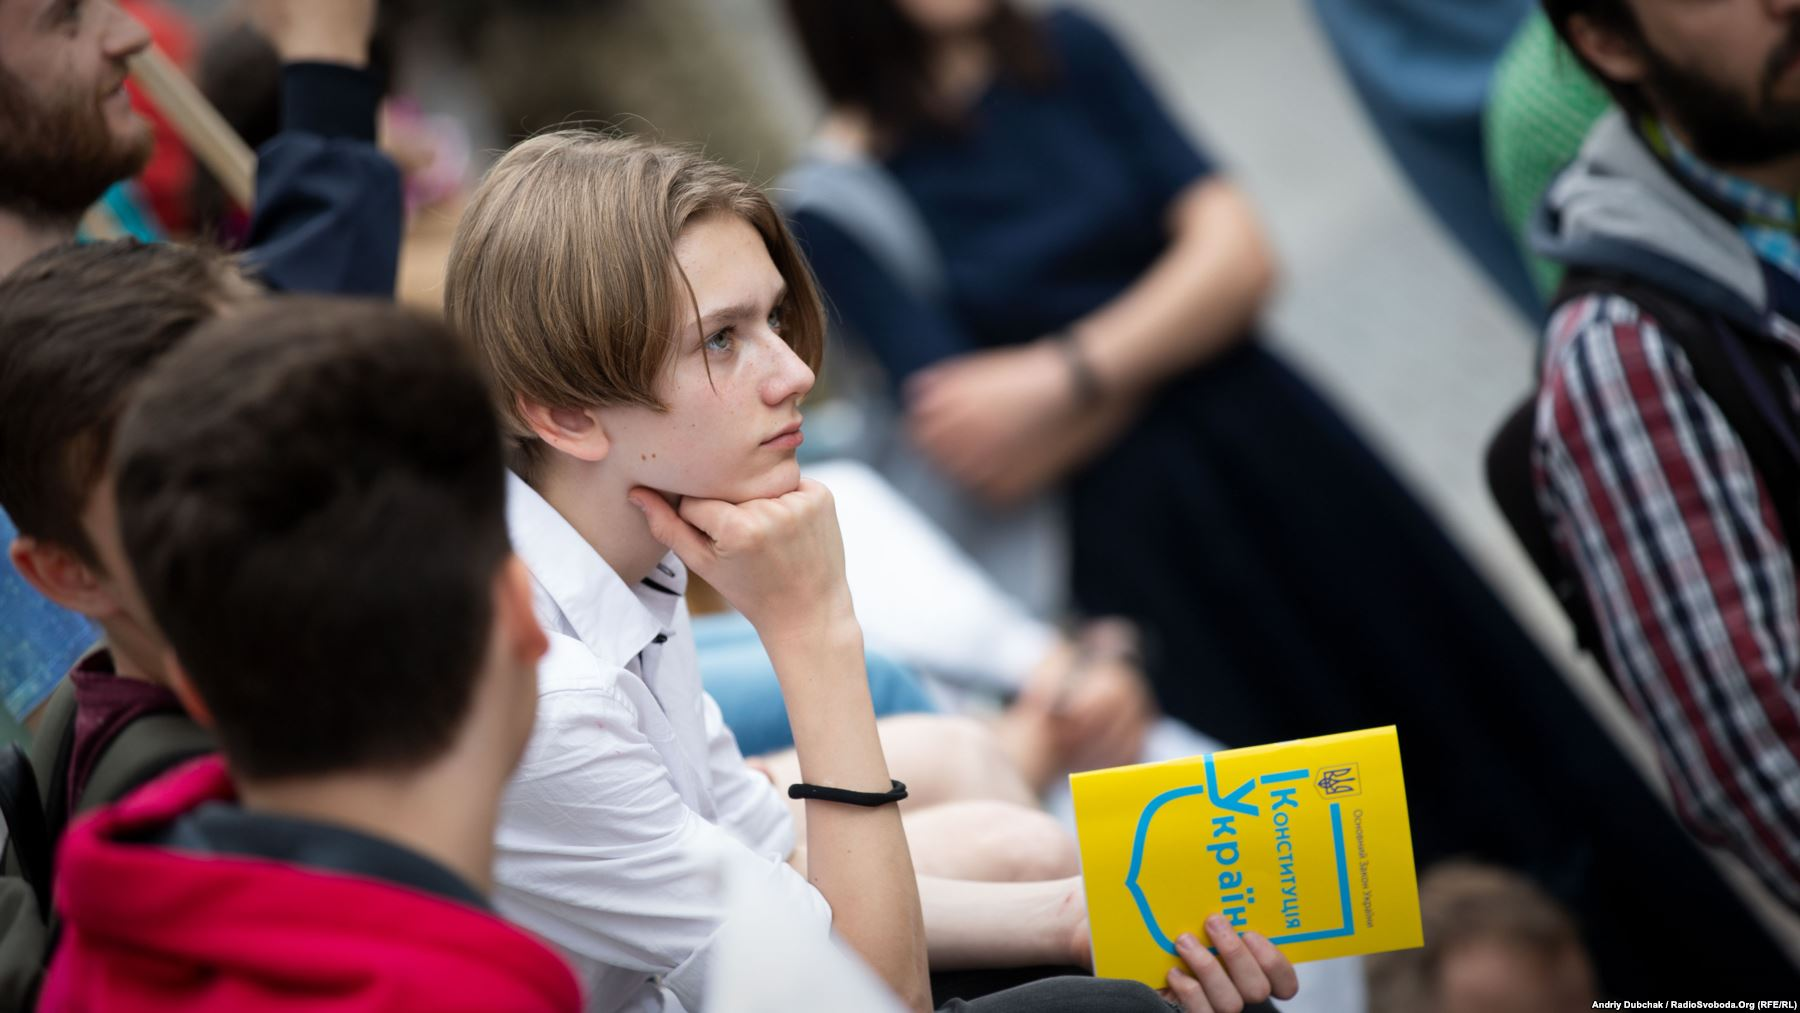 Зустрічалися і геть юні (14-15 років). Хлопець на фото прийшов на мітинг саме за право на медичне вживання канабісу